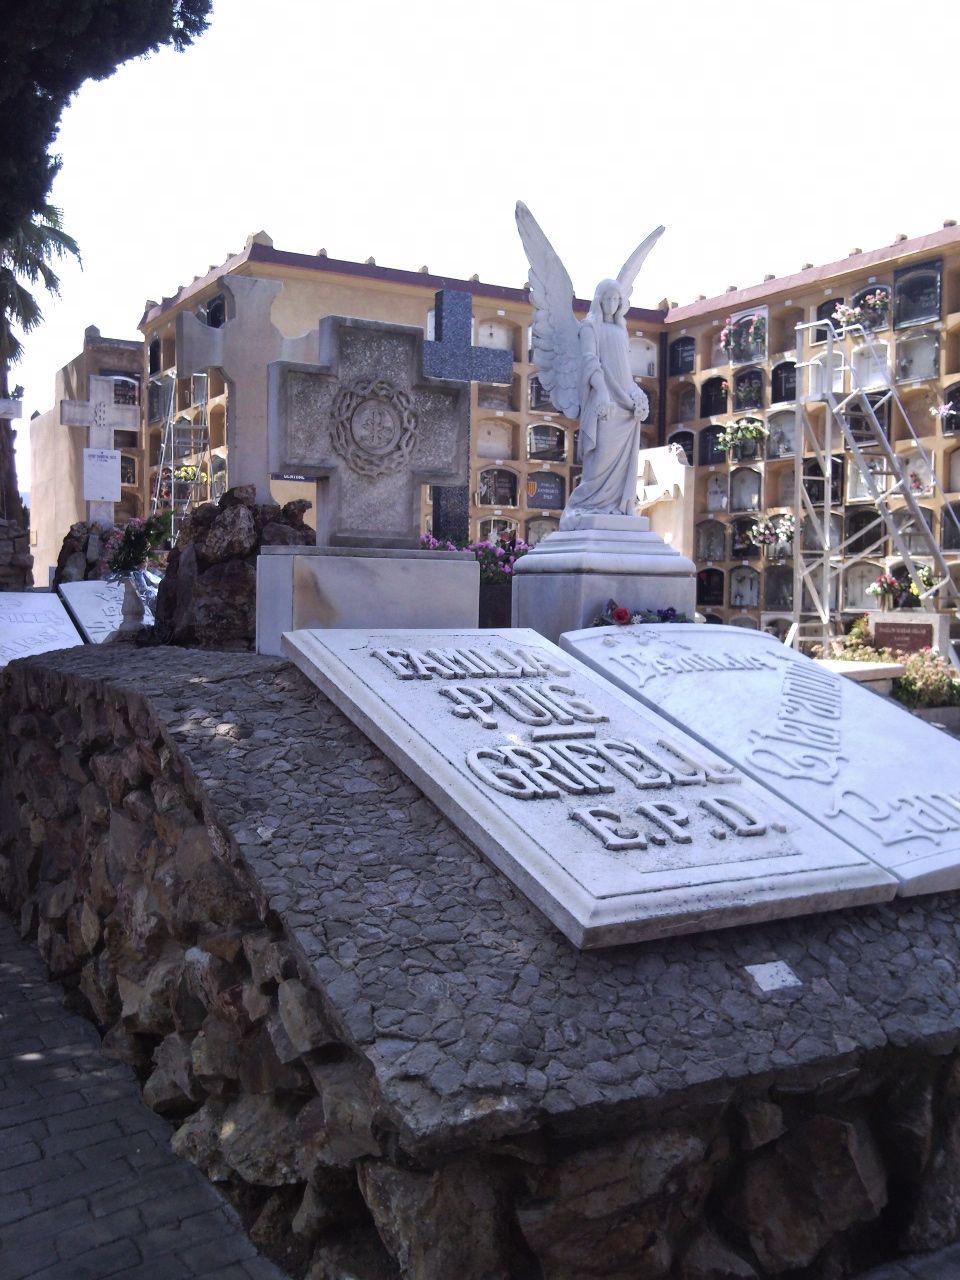 Direcciones a Cementiri de Les Corts (Barcelona) en transporte público